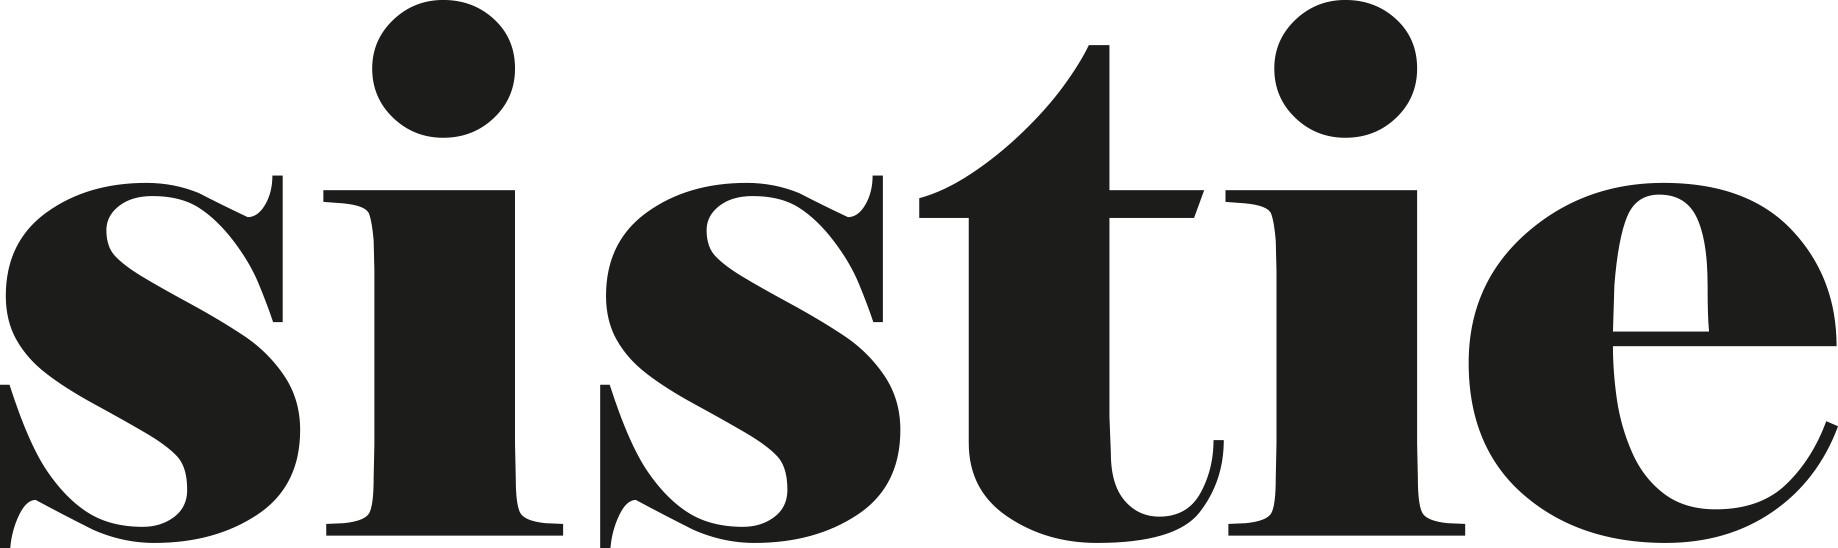 SISTIE